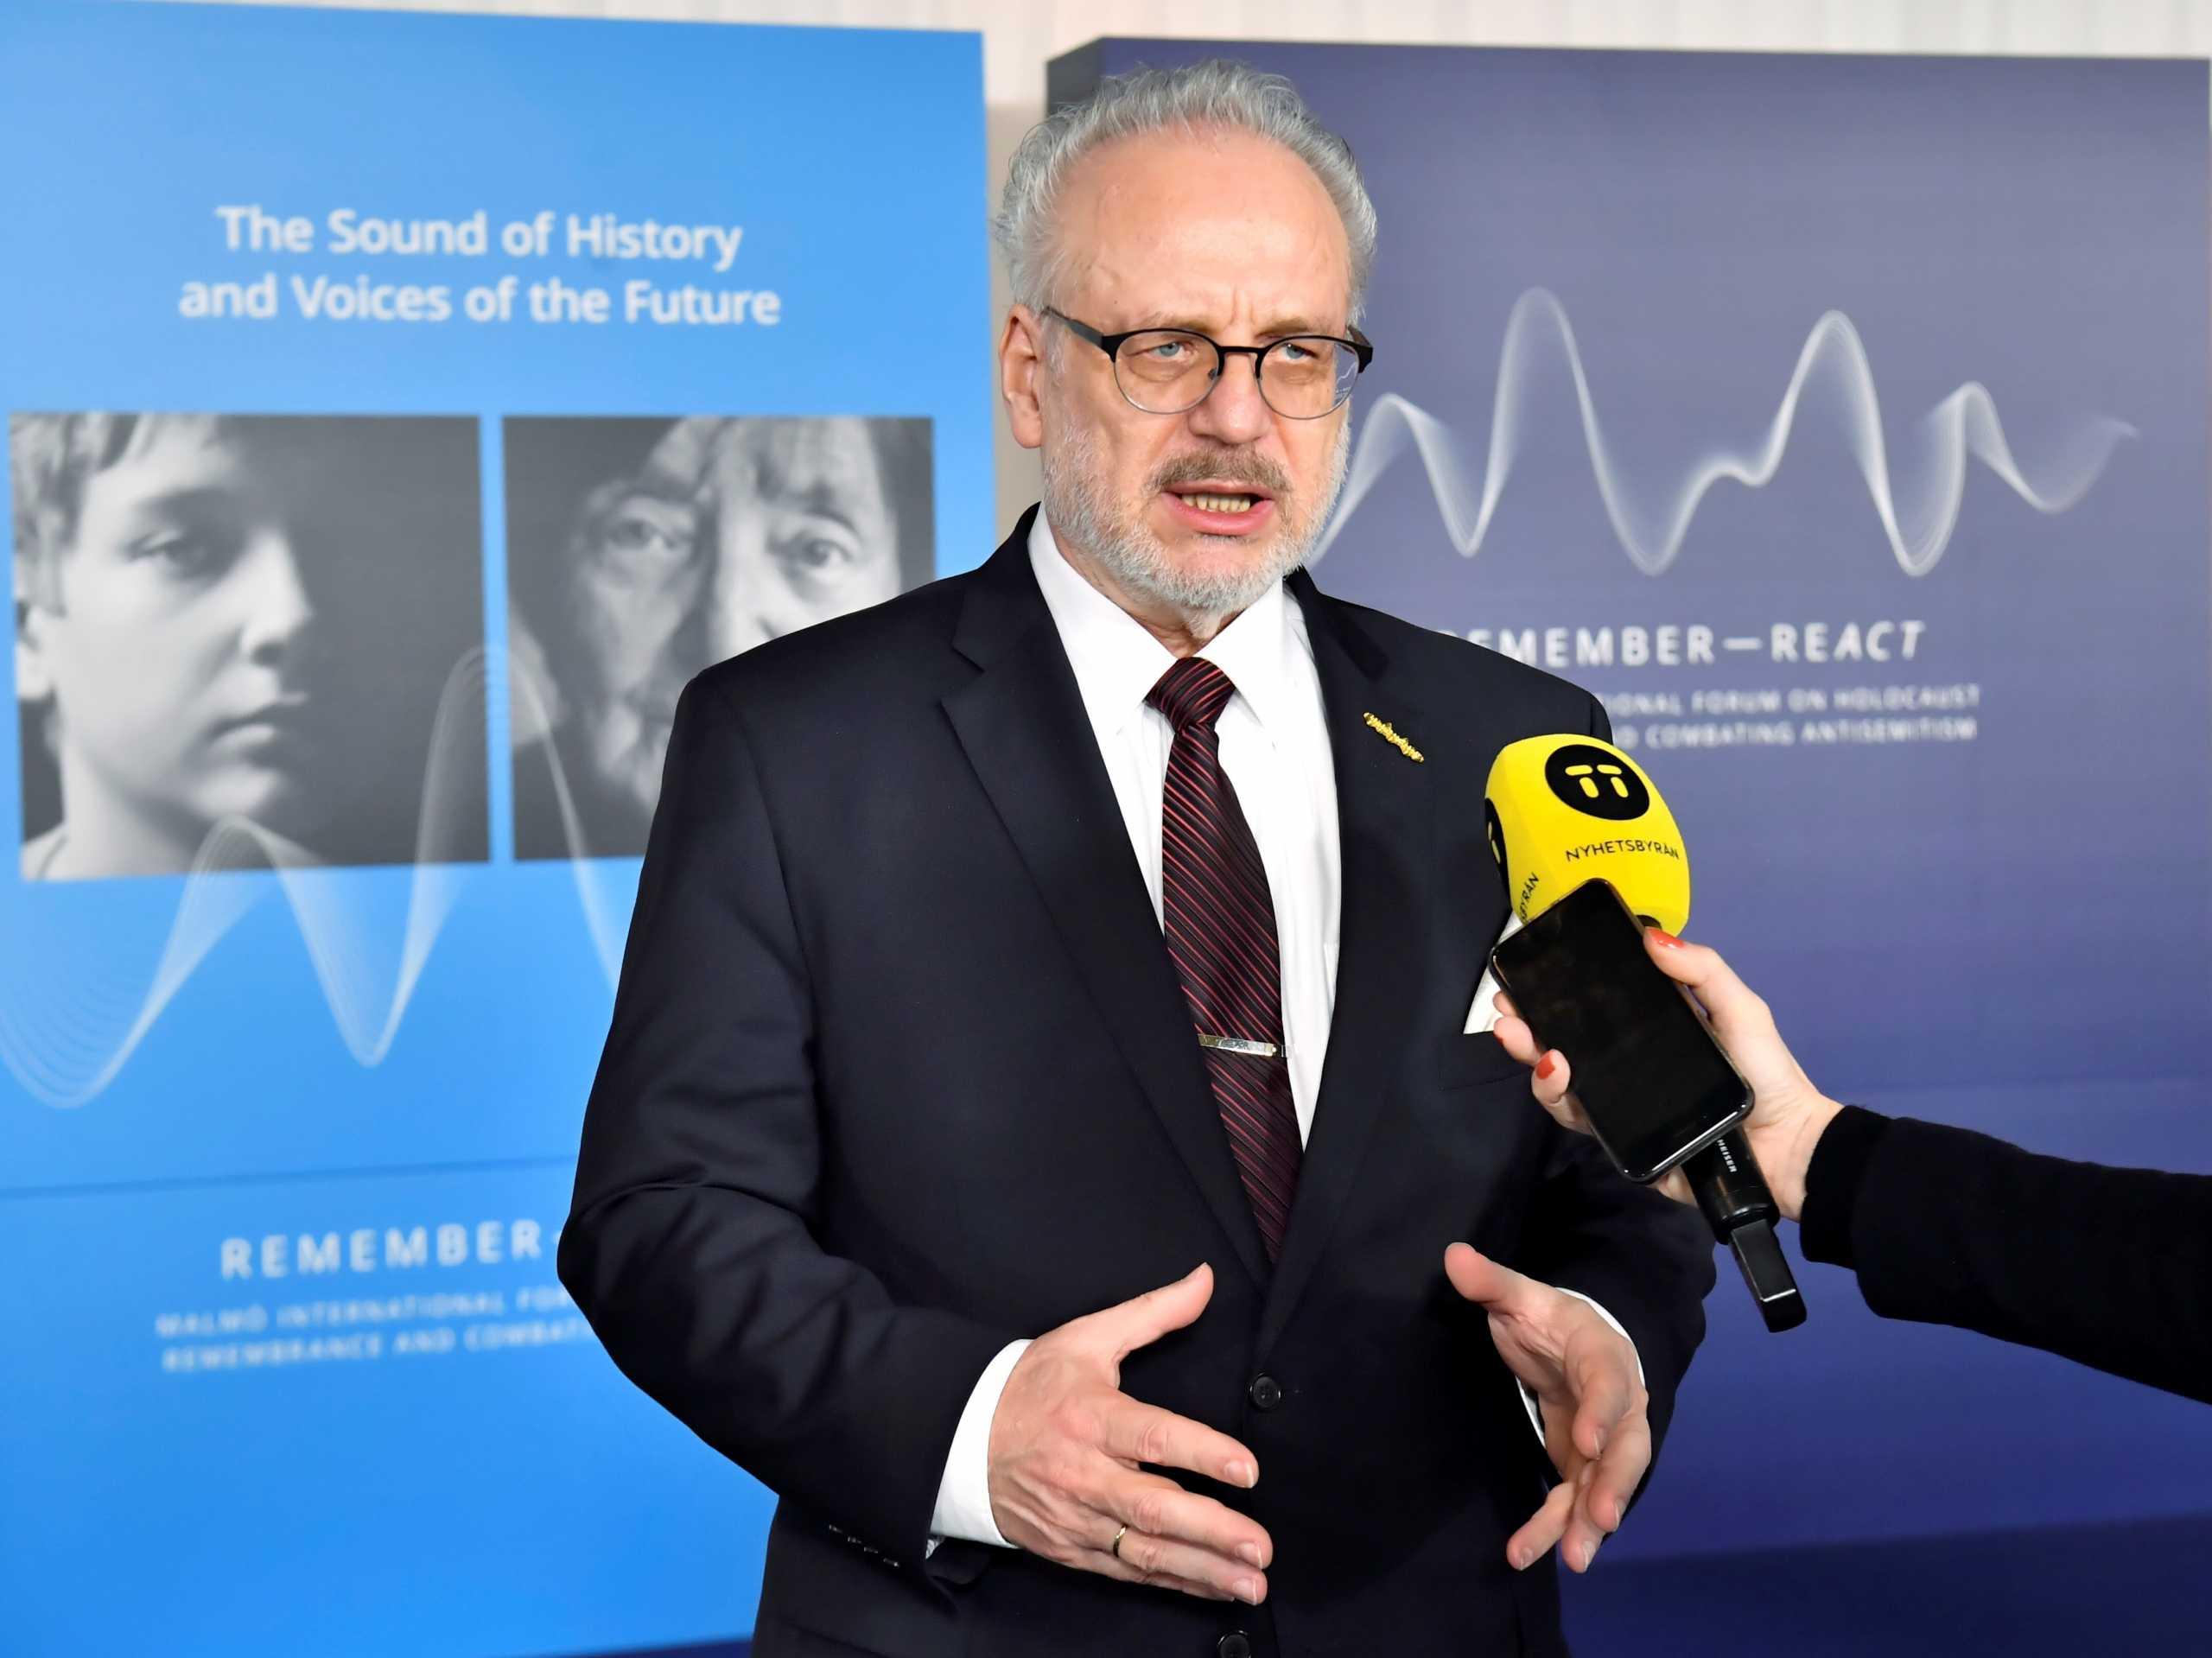 Κορονοϊός: Θετικός ο πρόεδρος της Λετονίας – Σε καραντίνα ο Φινλανδός ομόλογος του